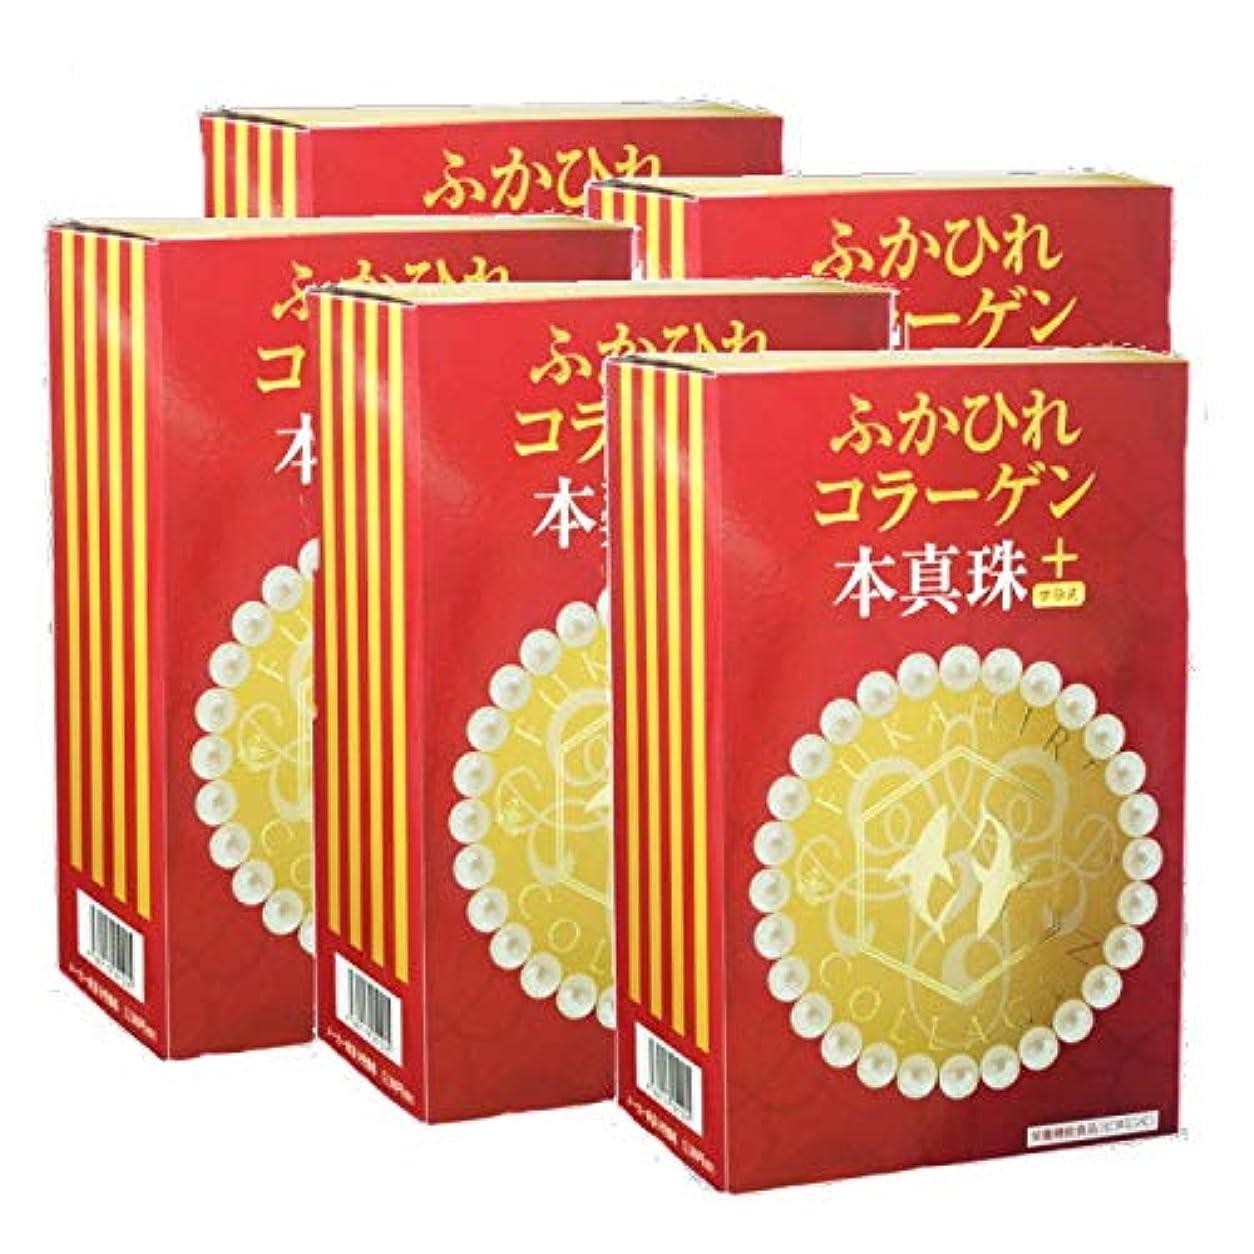 規模共産主義親ふかひれコラーゲン本真珠5箱セット